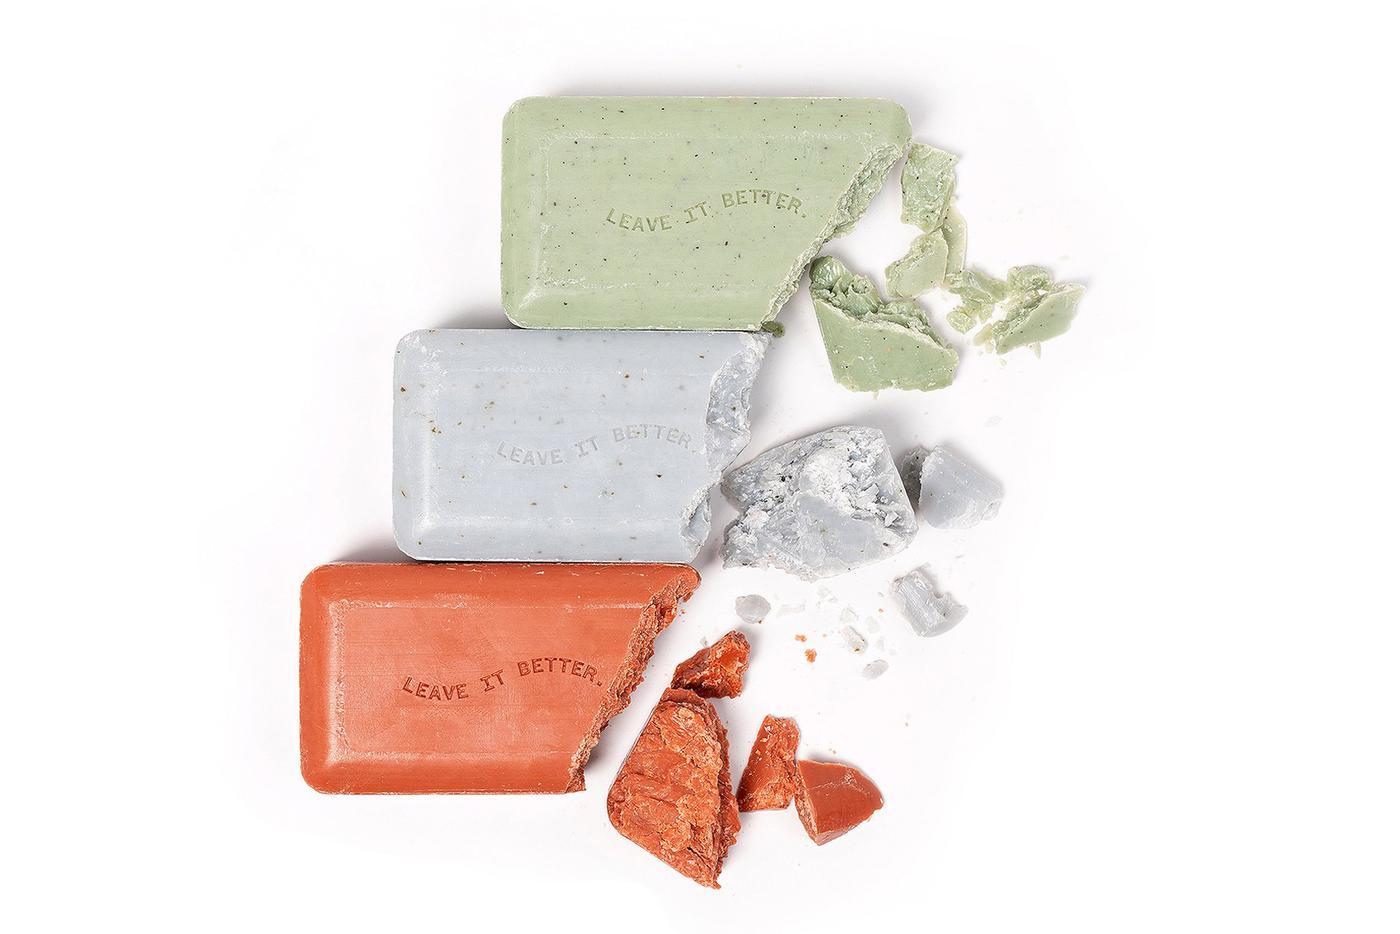 Ursa Major's National Parks Soap Bundle